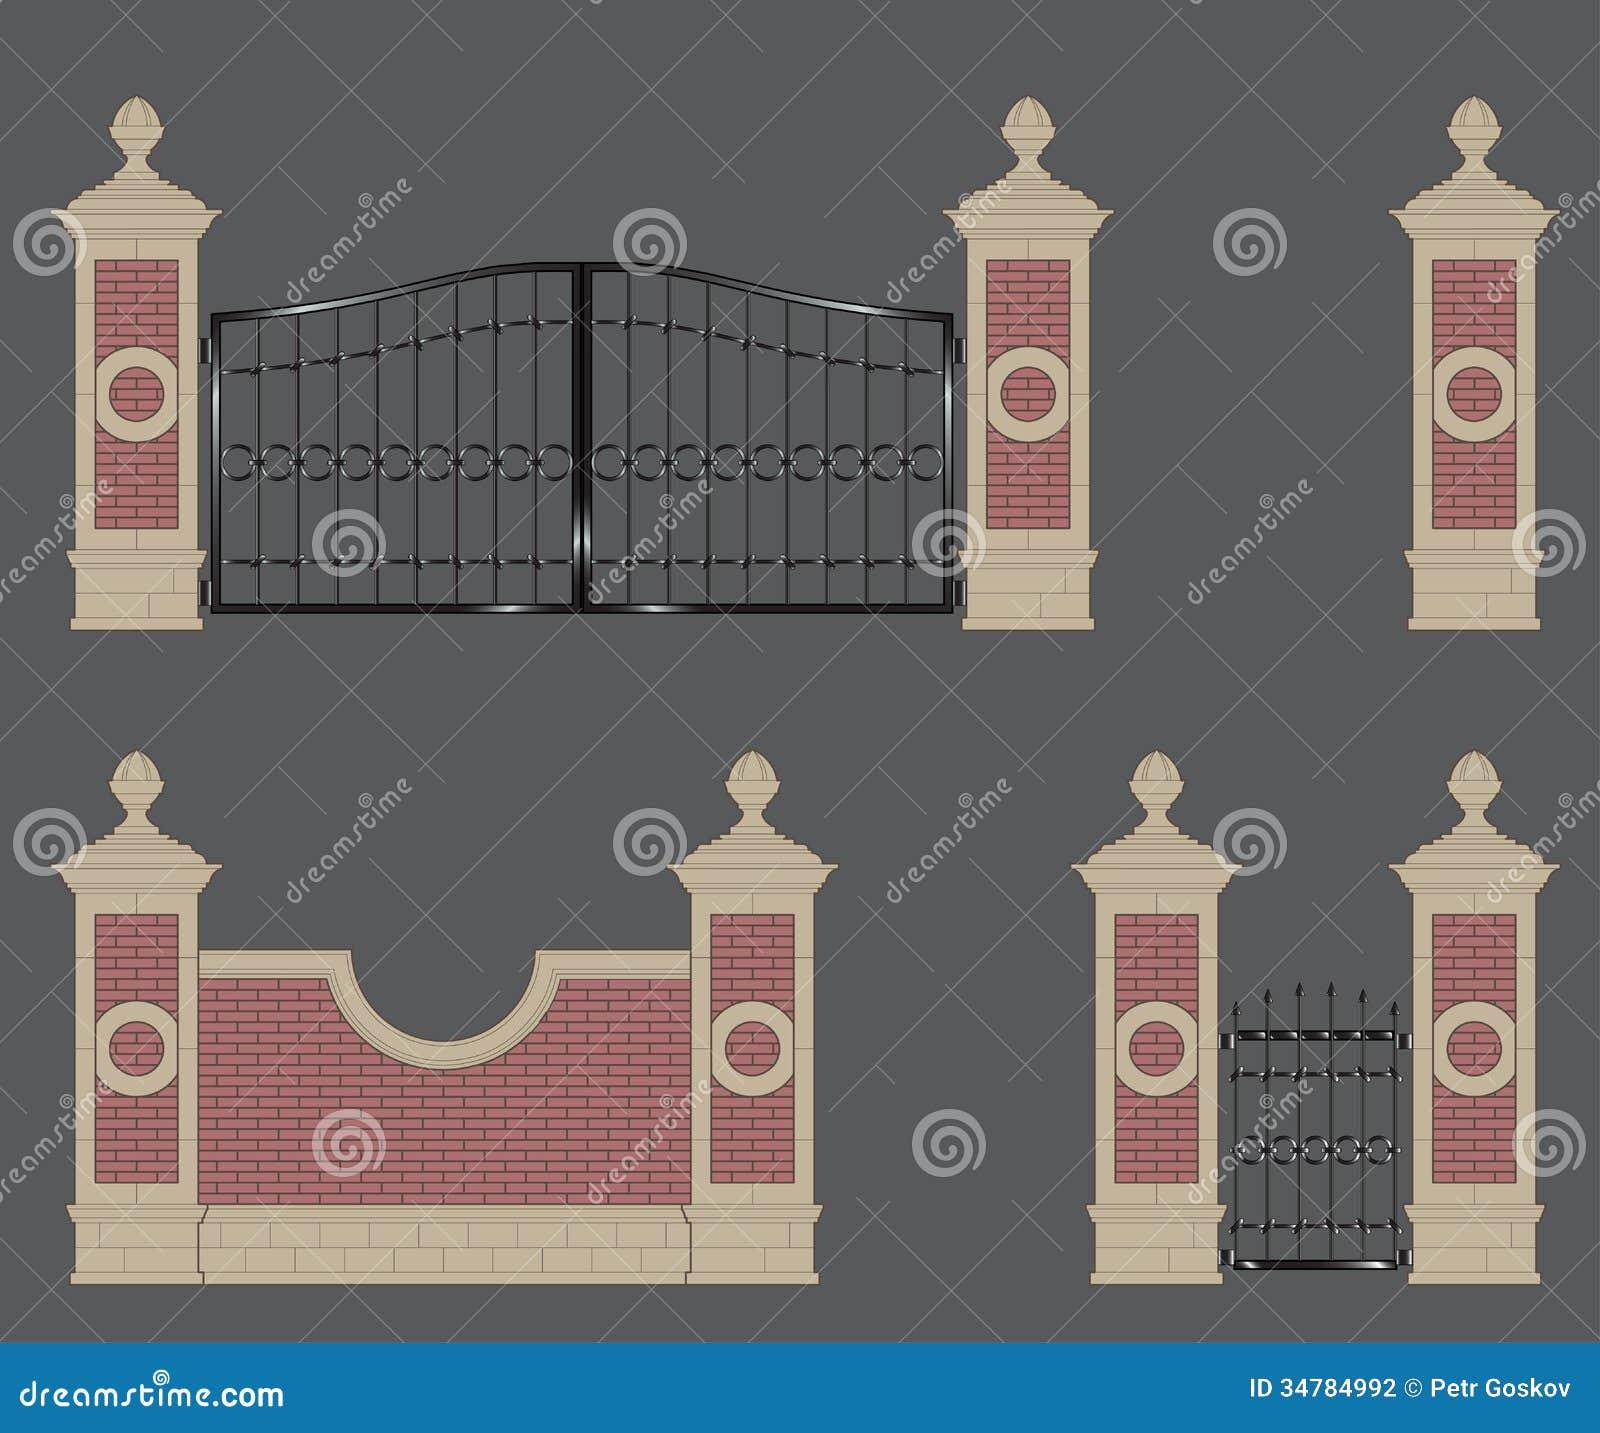 Garden Gate Stock Illustration Illustration Of Gate